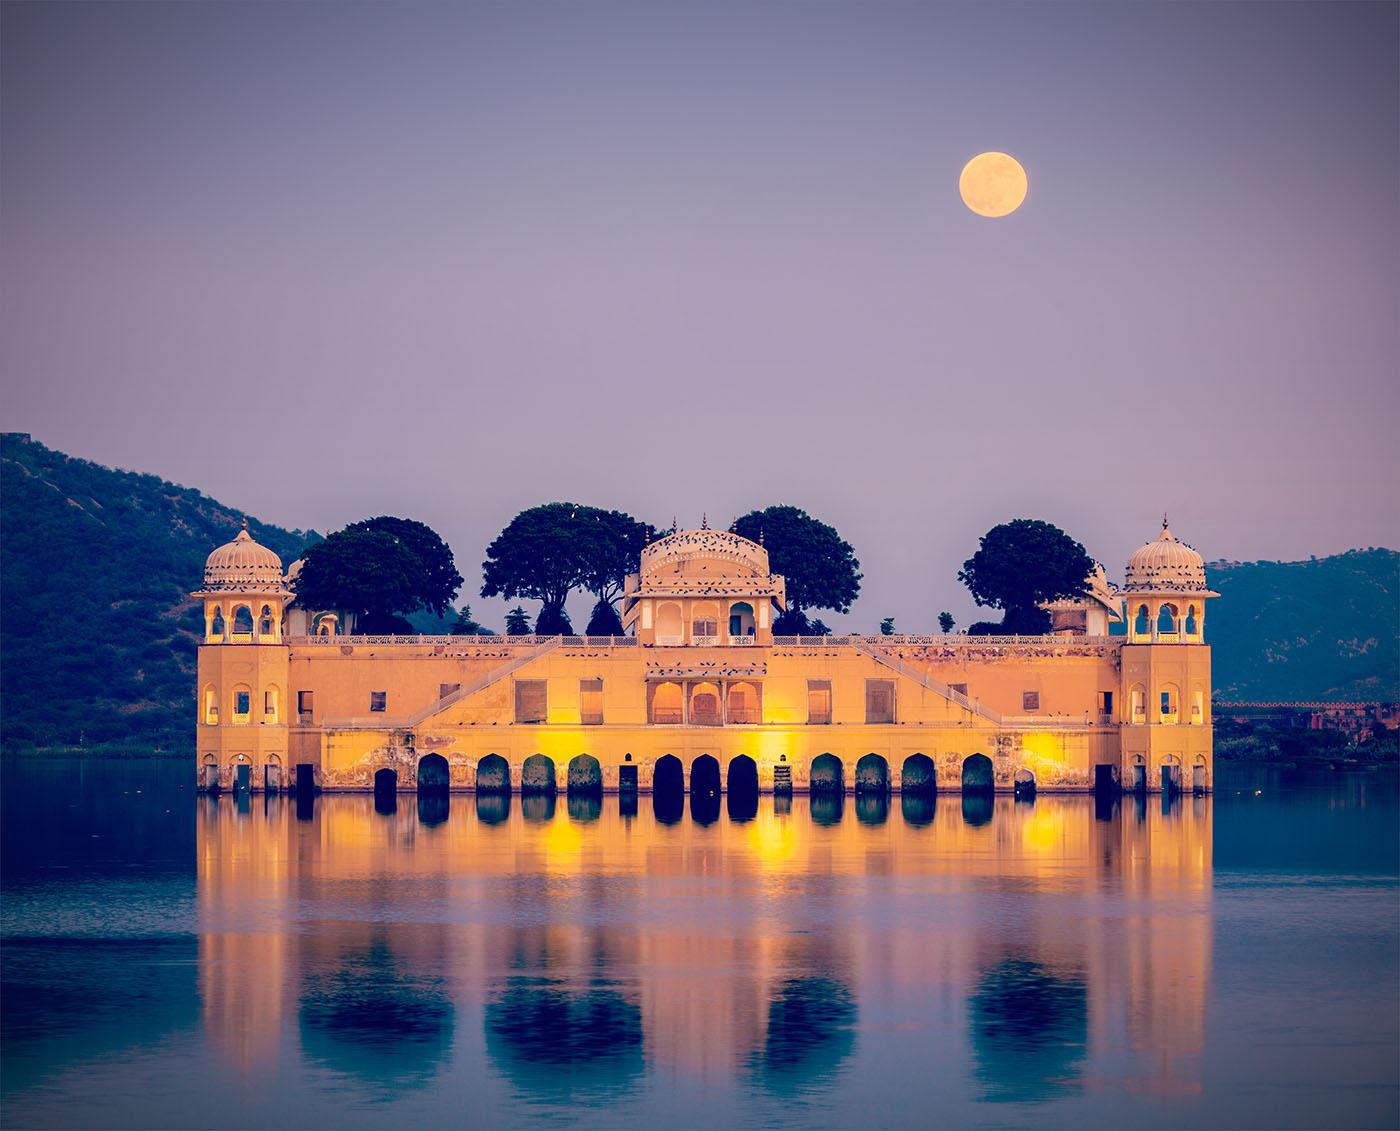 jal-mahal-water-palace-jaipur-rajasthan-india